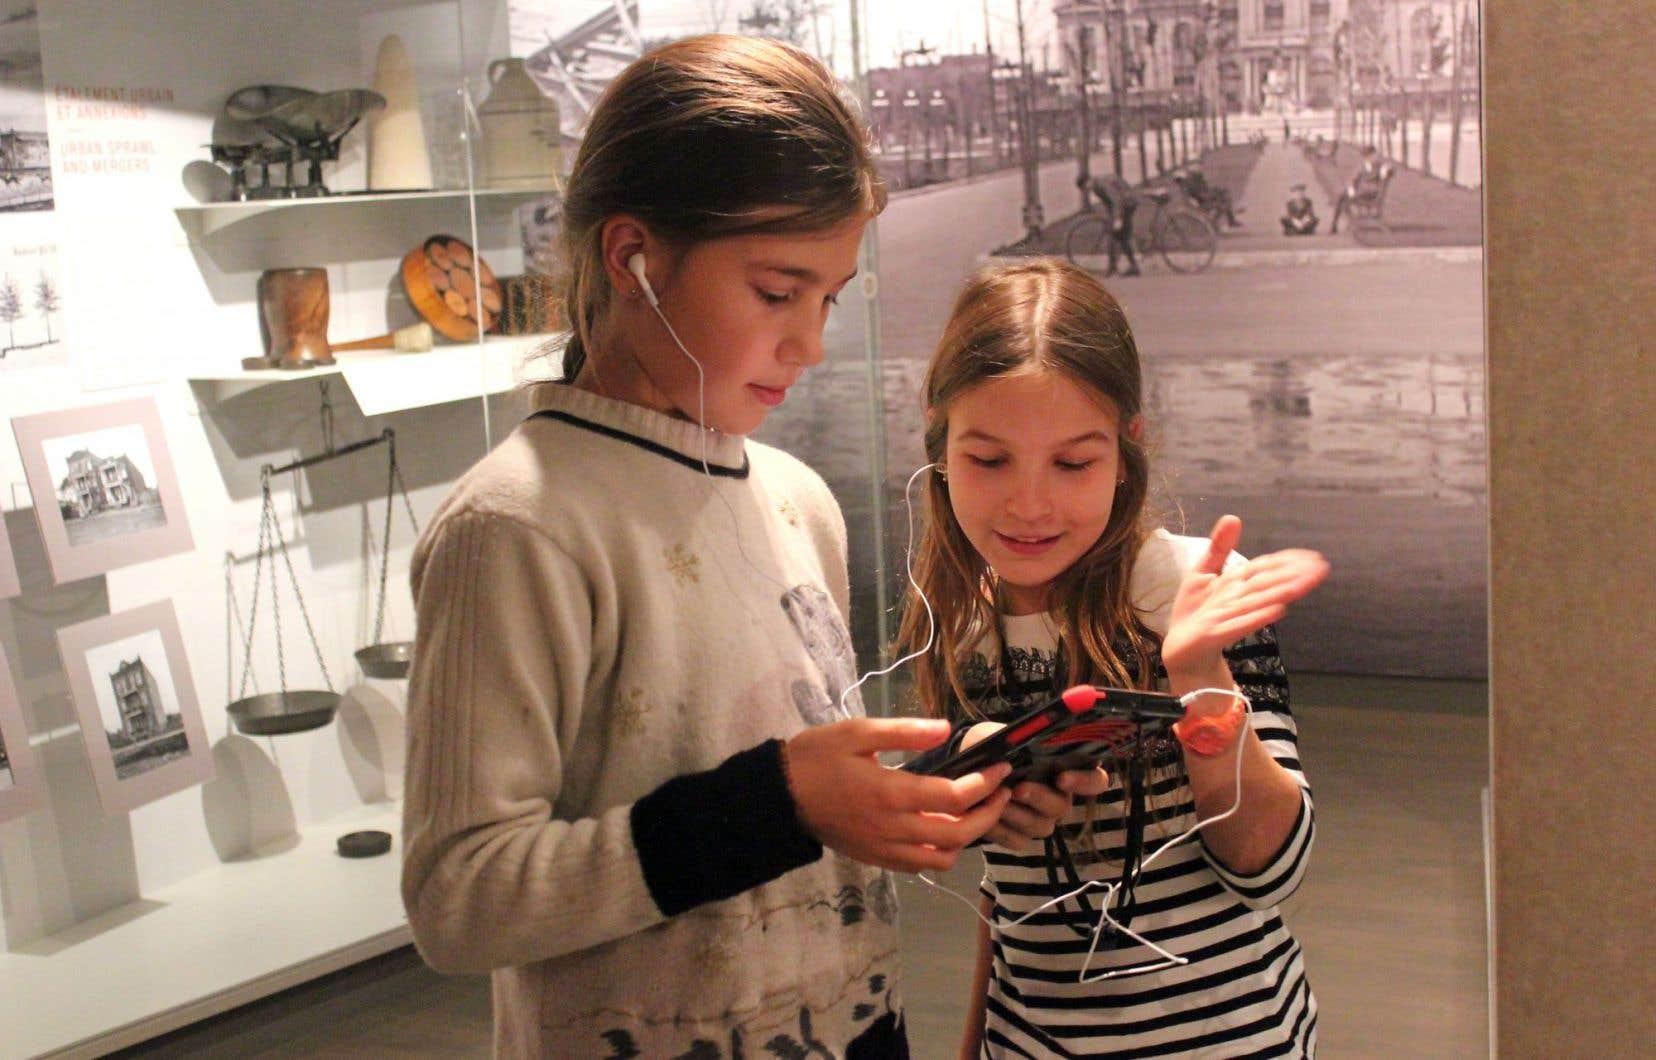 Munis d'iPad, les jeunes de 10 à 16 ans pourront découvrir l'exposition permanente «Montréal. Points de vue» de manière originale et novatrice, en se laissant guider par un jeu de piste.